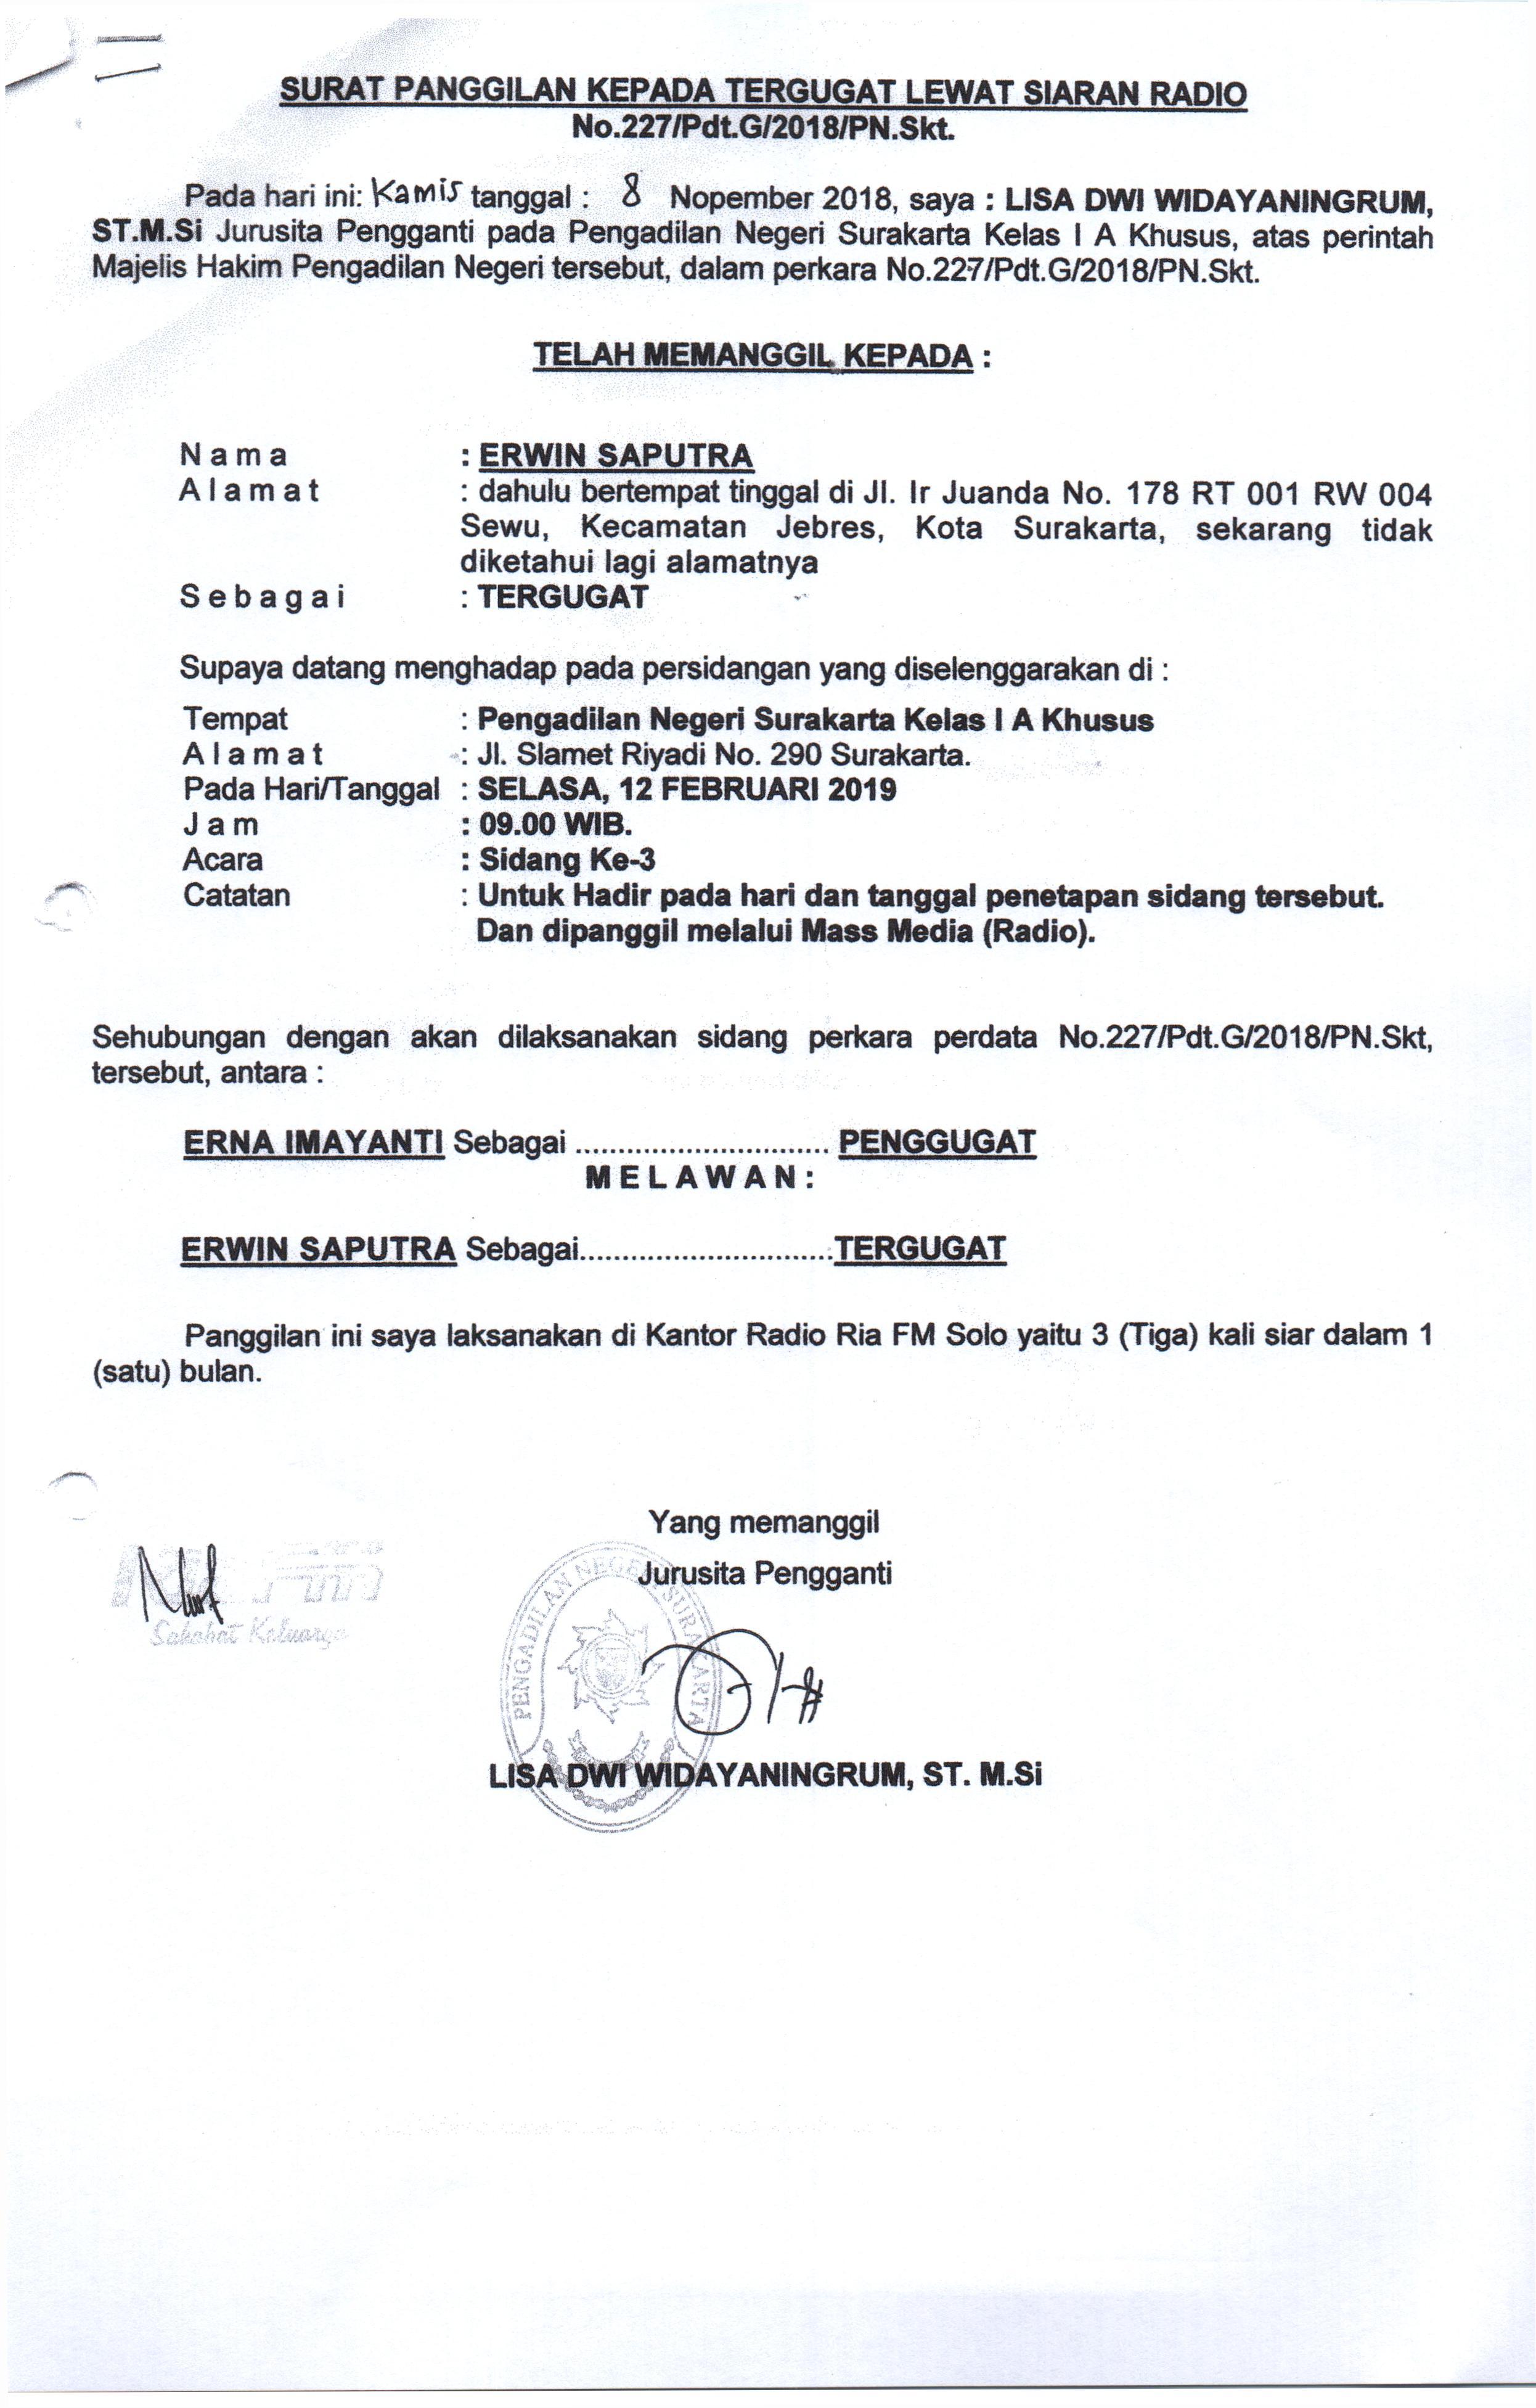 Relaas Panggilan Umum - Sidang Tanggal 12 Maret 2019 - Erwin Saputra